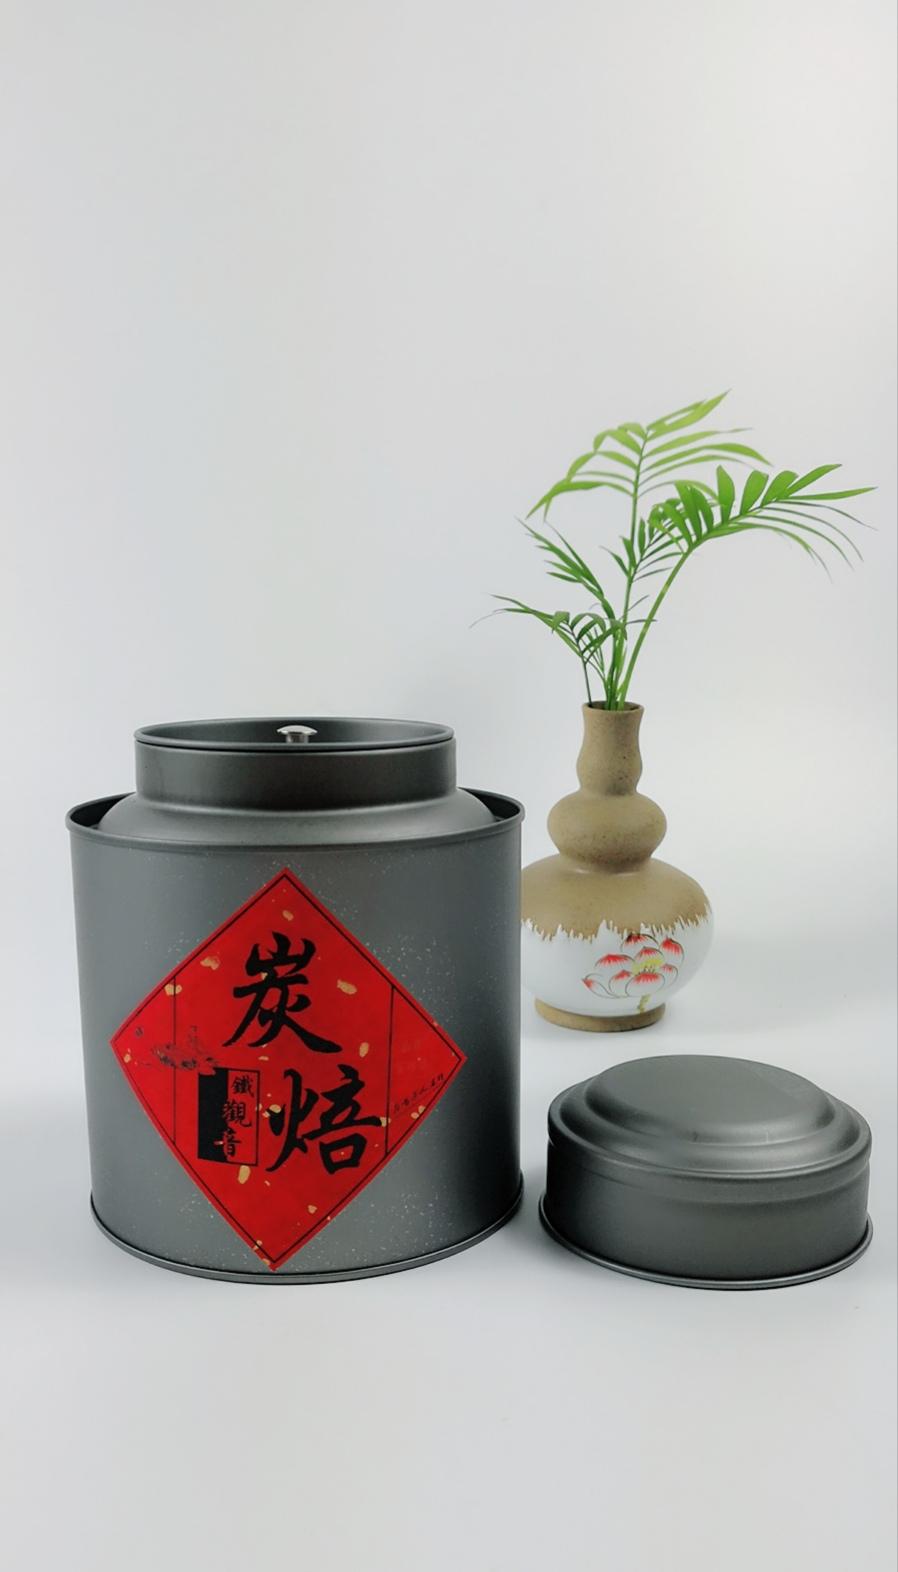 炭焙铁观音250克|全岩茶叶系列-福建省山吧茶业有限公司